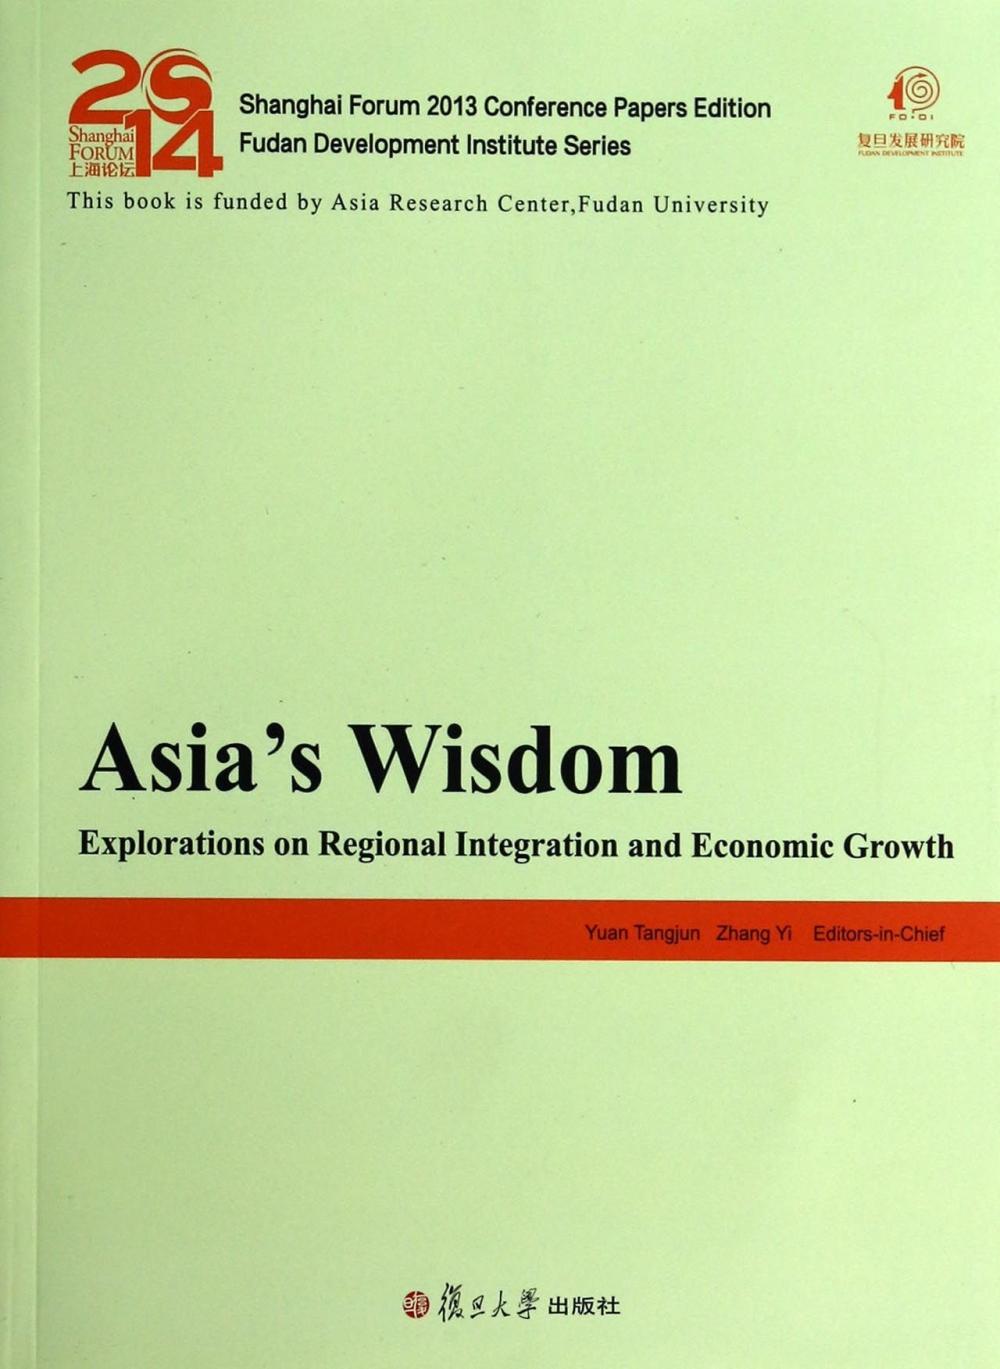 亞洲的智慧:區域一體化和可持續發展的探索:英文